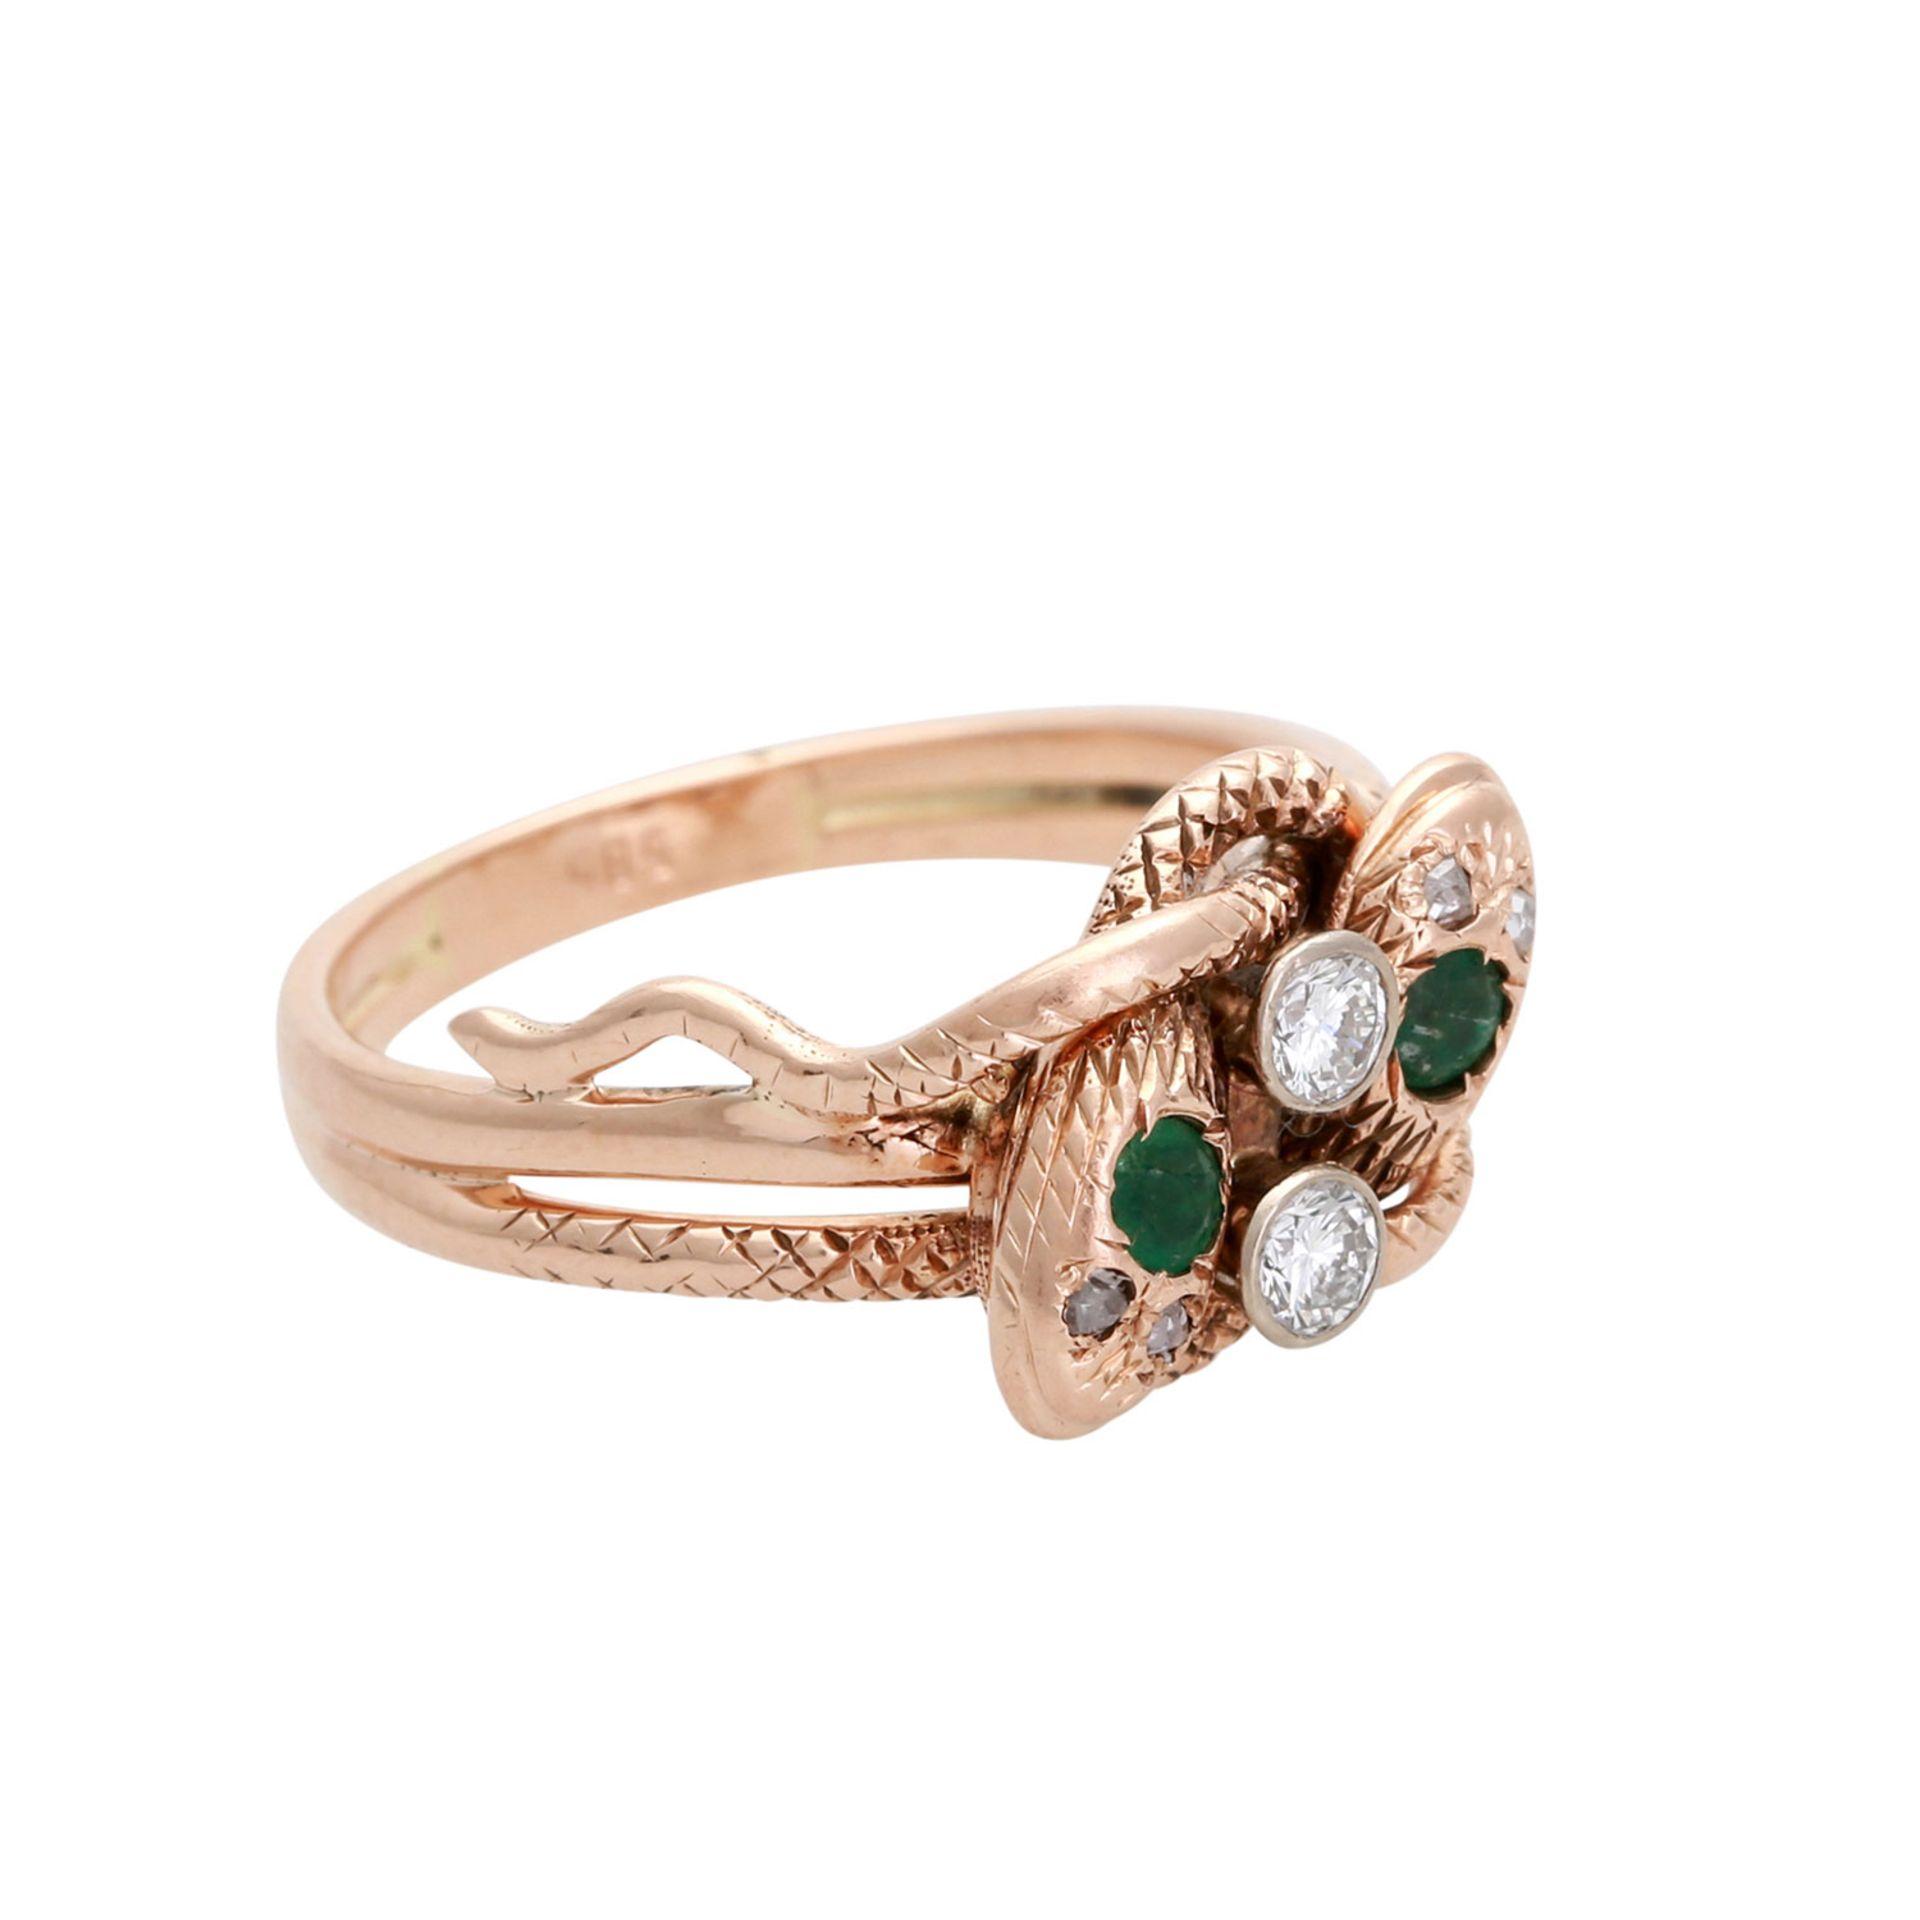 Los 86 - Schlangenring mit Edelsteinen, 2 Brillanten und 4 Diamantrosen von zus. ca. 0,18 ct., VSI, LGW (